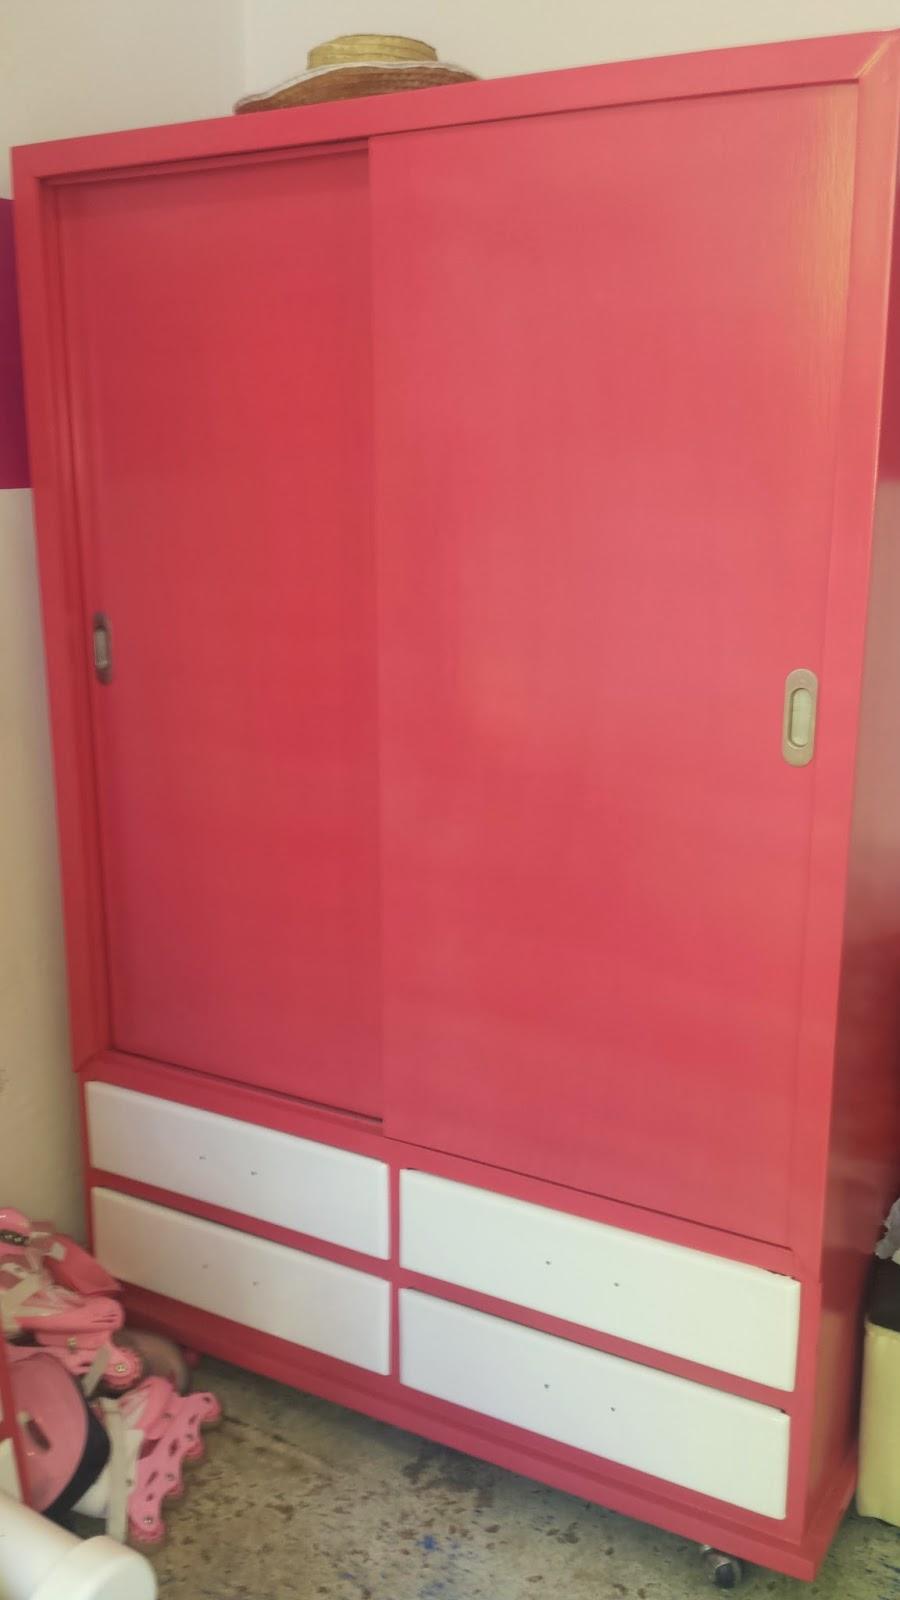 Muebles Y Maderas San Jos Juegos De Alcoba Closet # Muebles Juegos De Alcoba